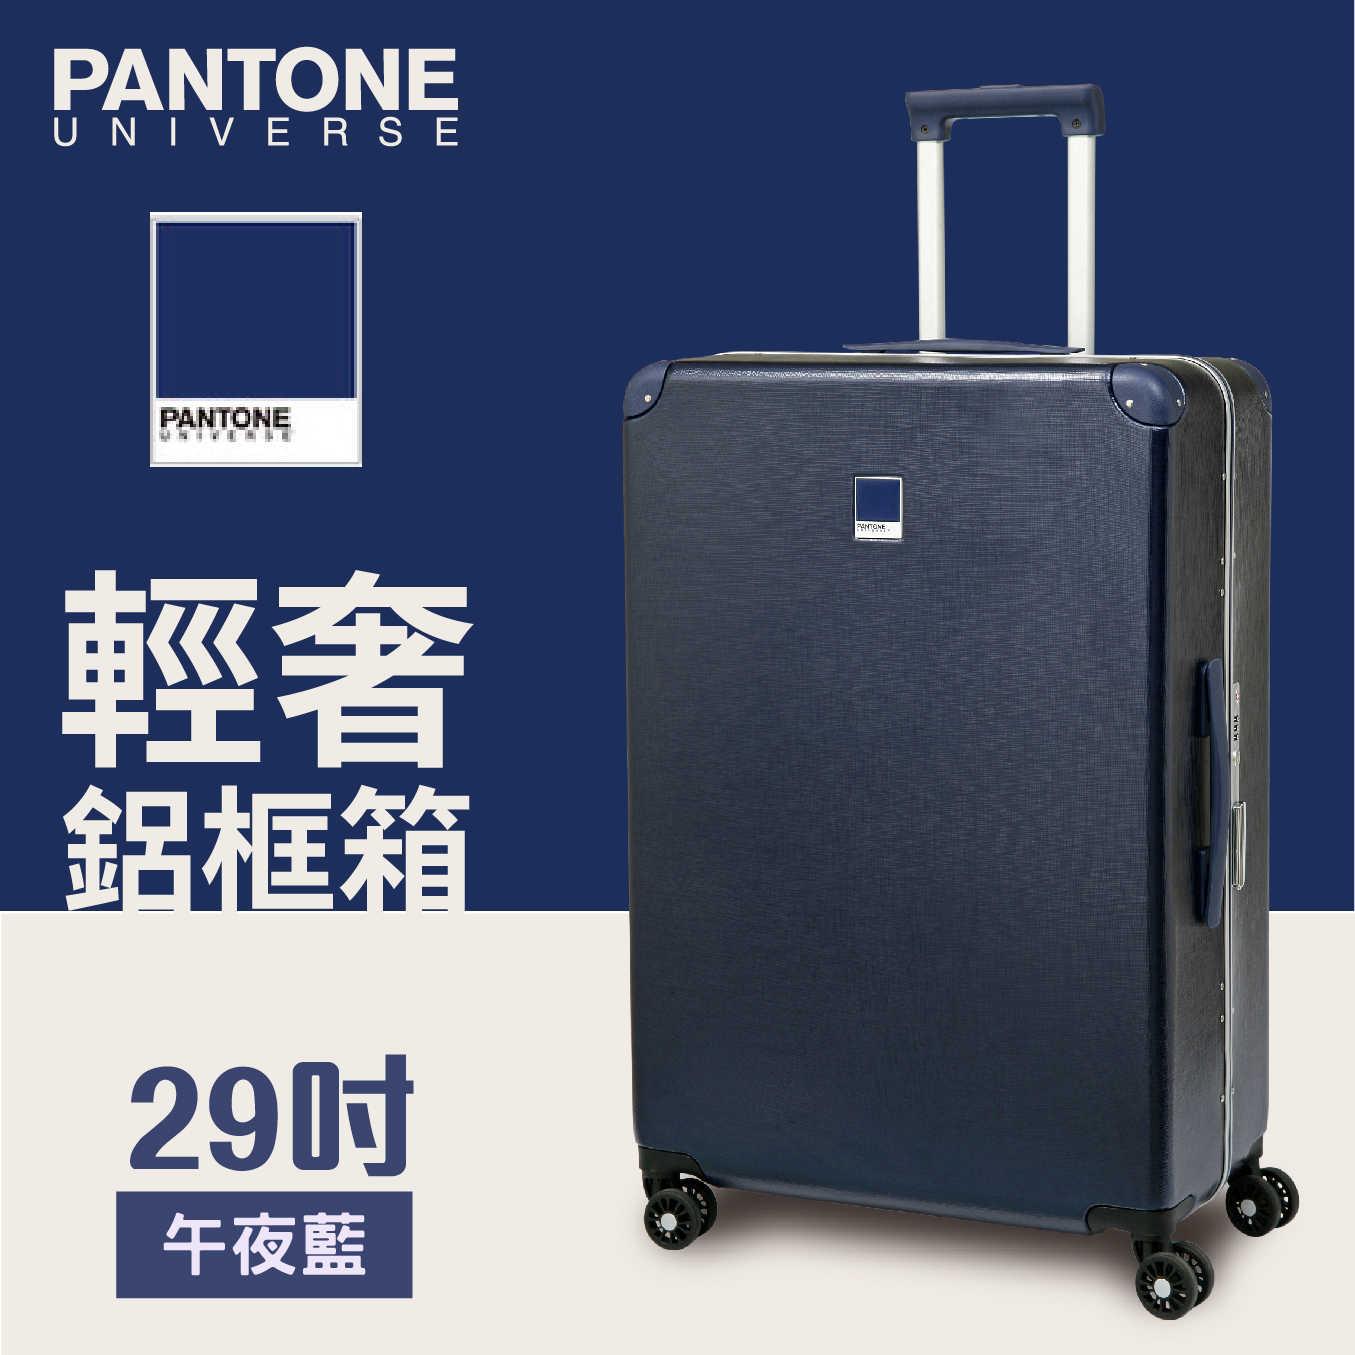 PANTONE 輕奢鋁框 行李箱 獨家聯名款 台灣限定旅行箱 (藍/紅) 29吋